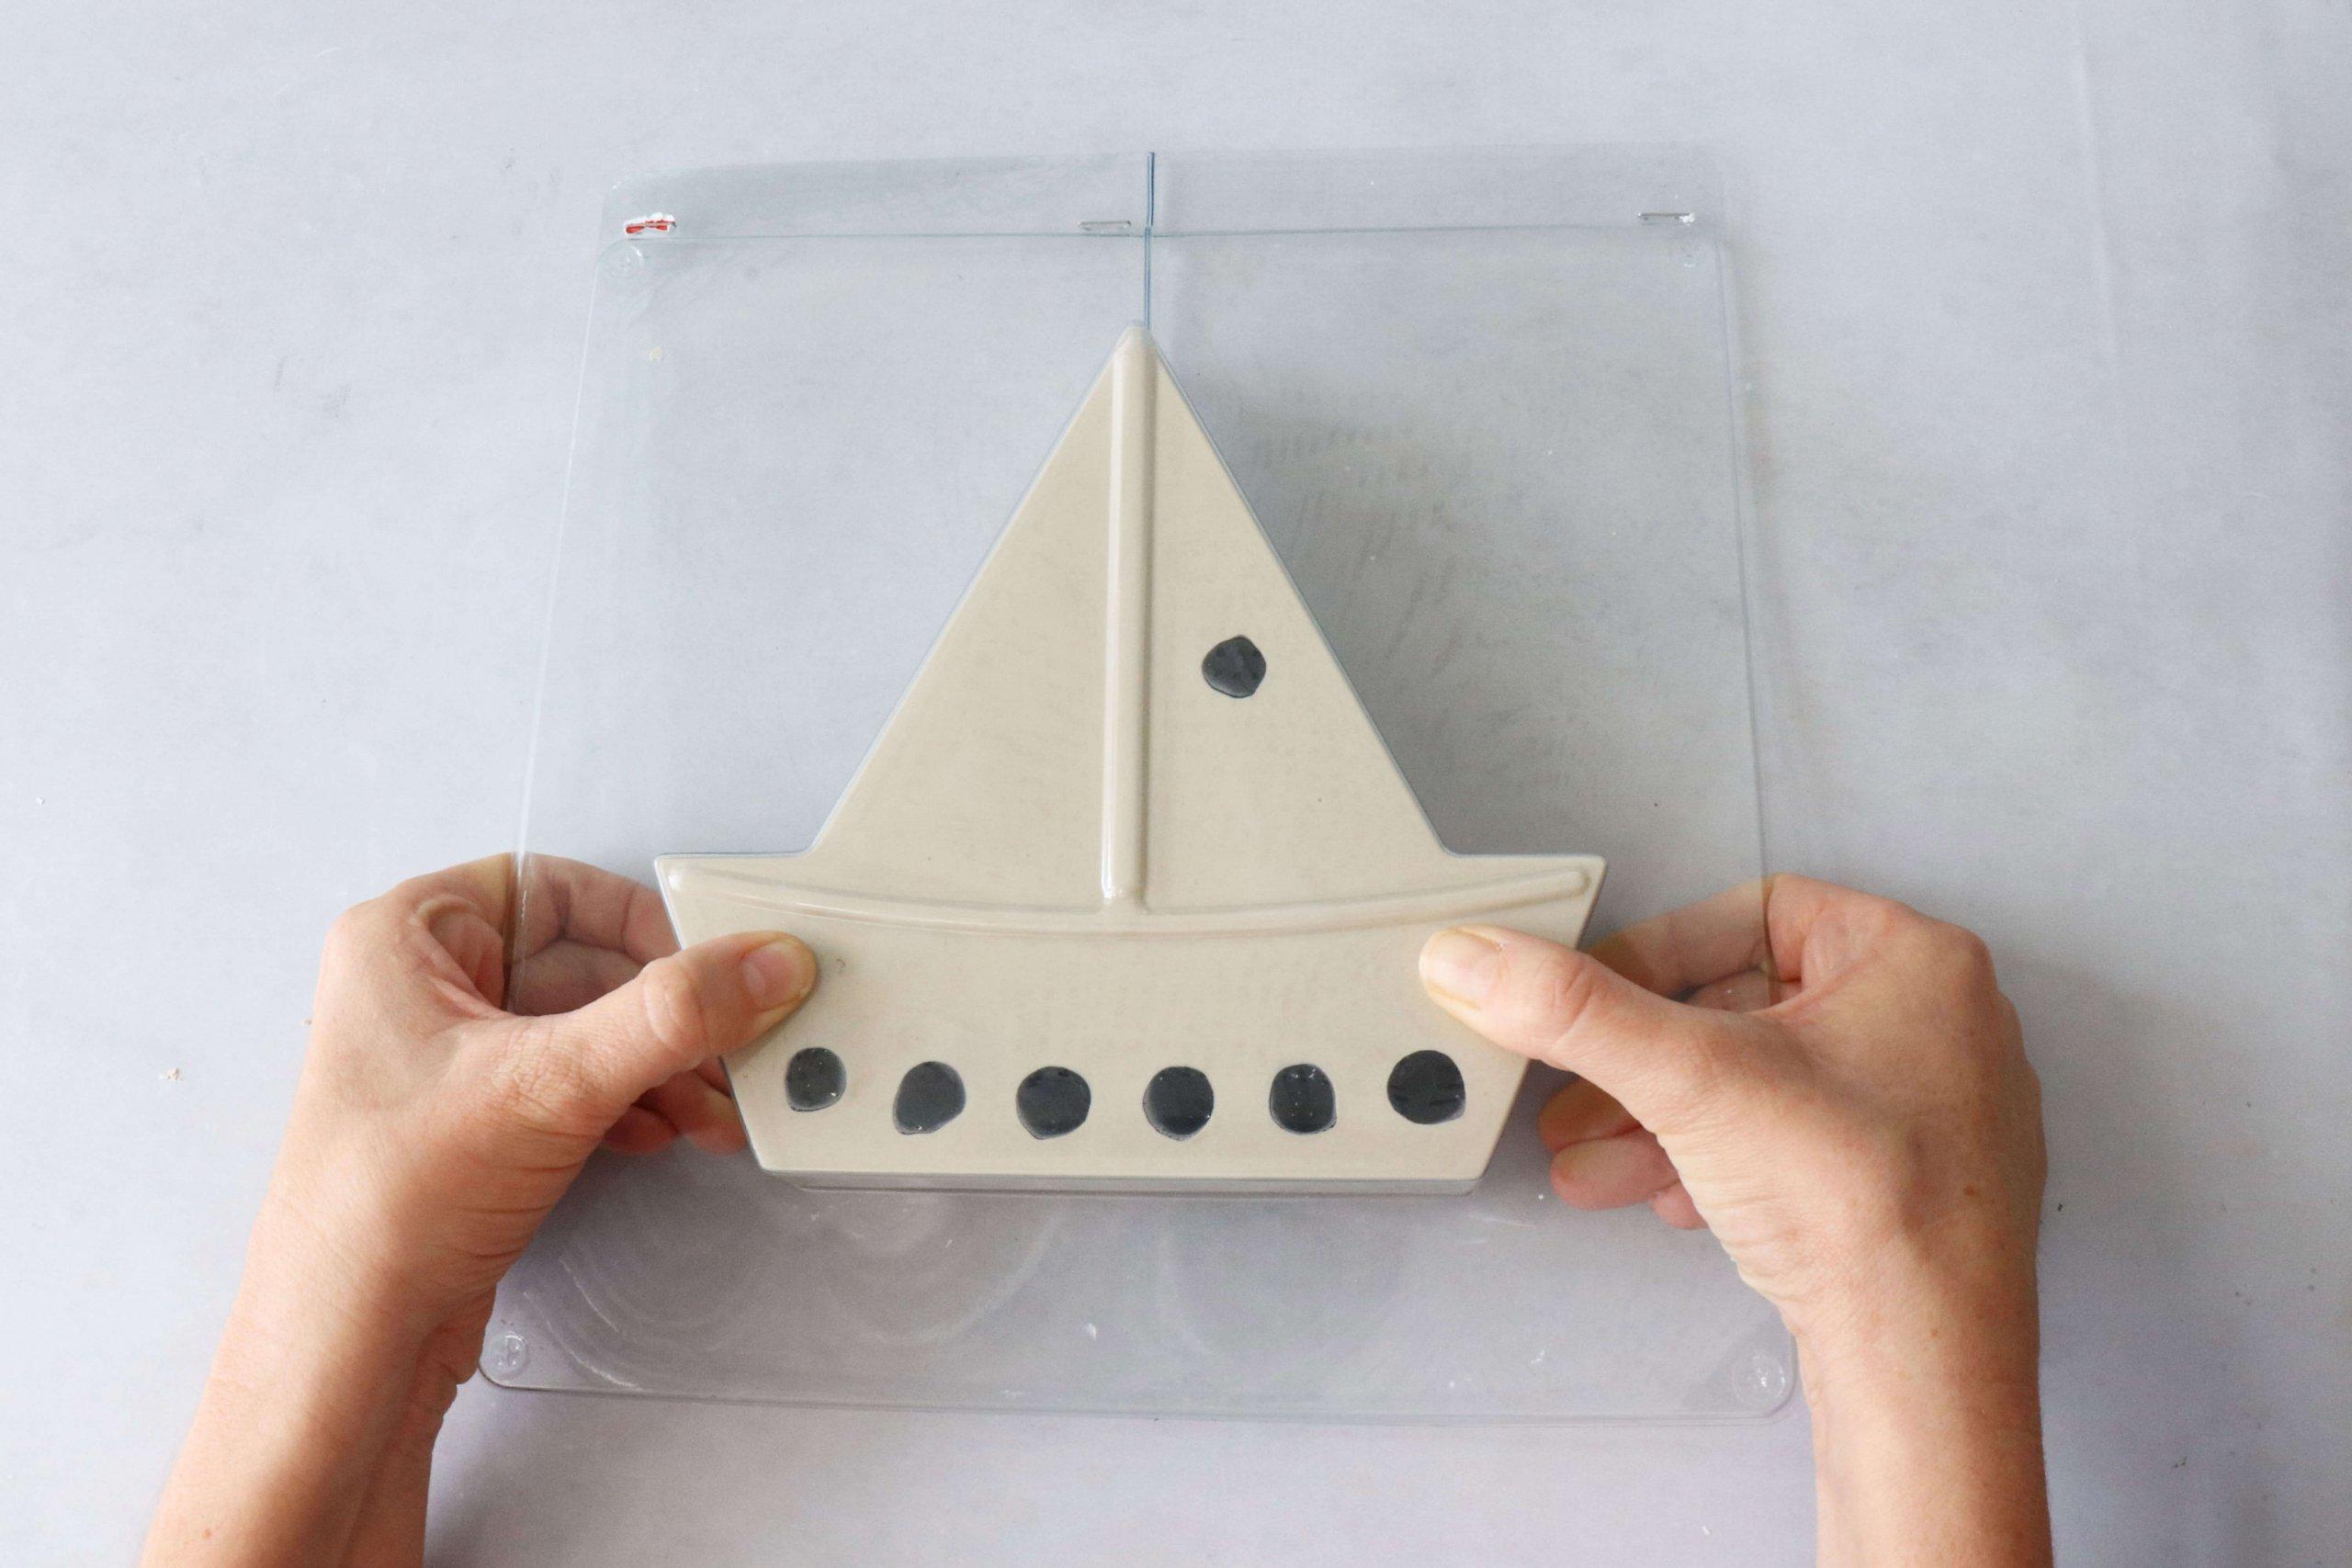 רעיון להכנת חנוכיה מגבס